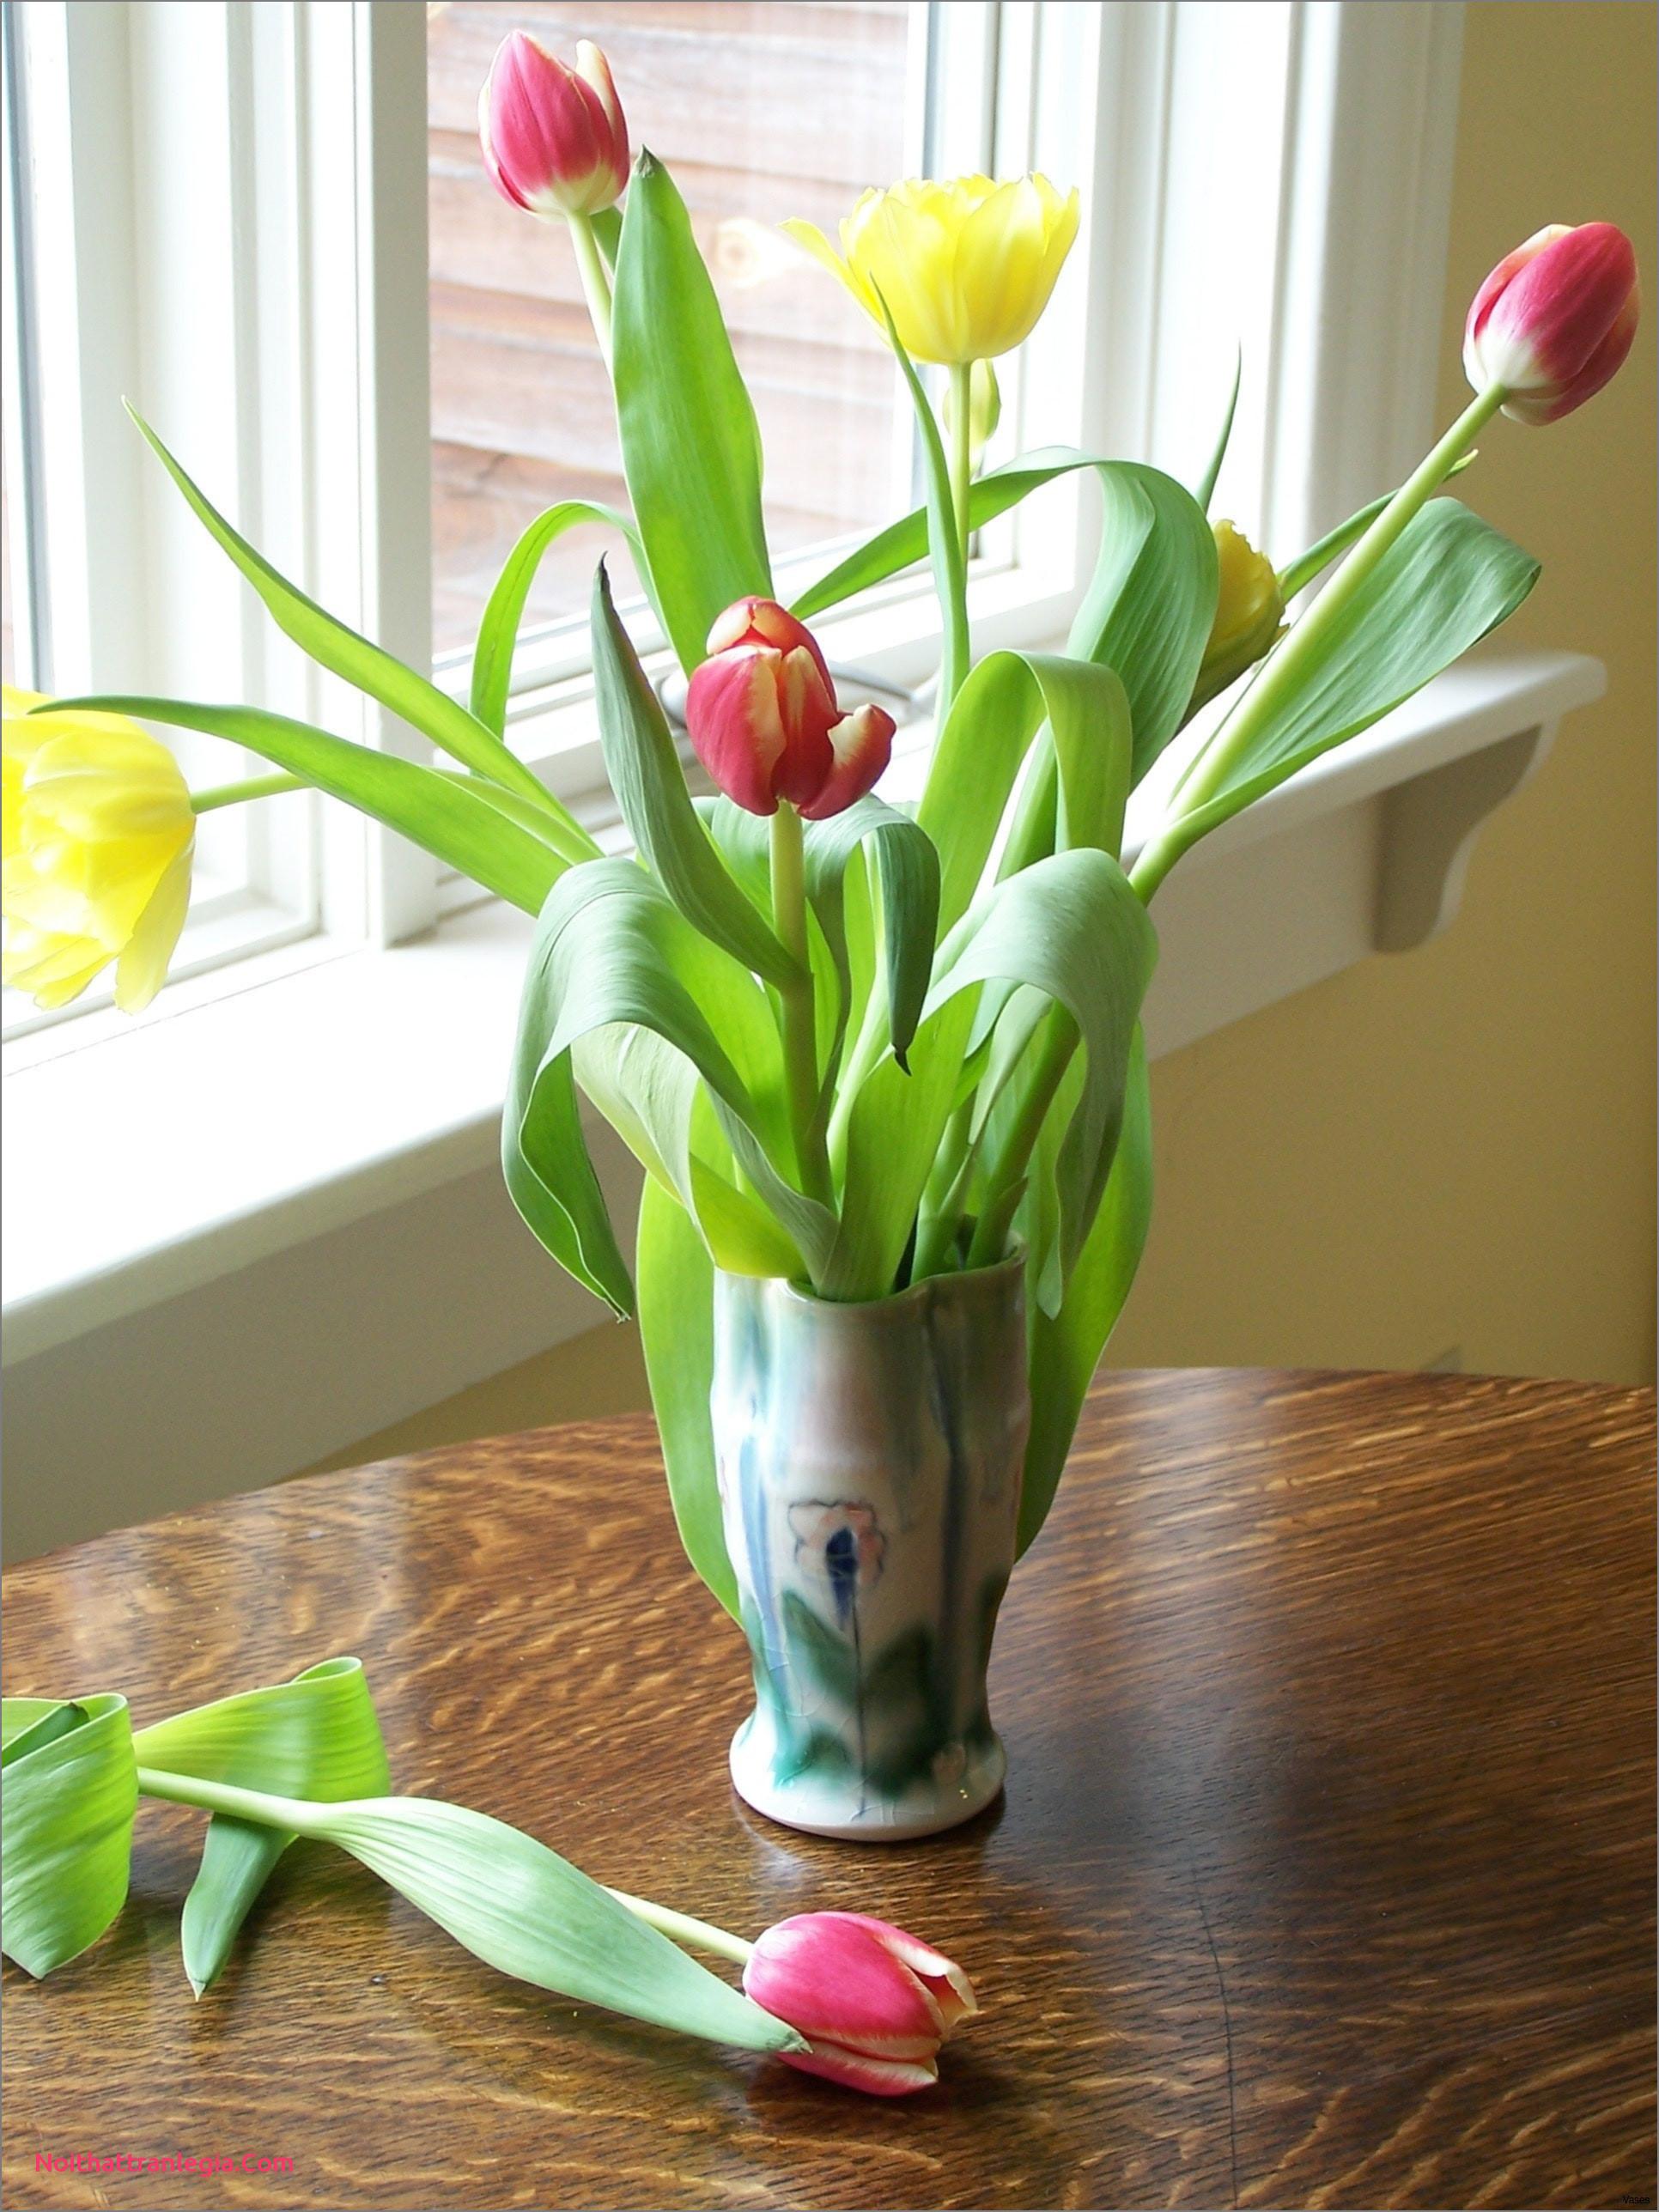 flower vase ideas of 20 how to clean flower vases noithattranlegia vases design in il fullxfull l7e9h vases single flower vase ideas zoomi 0d inspiration single flower vases